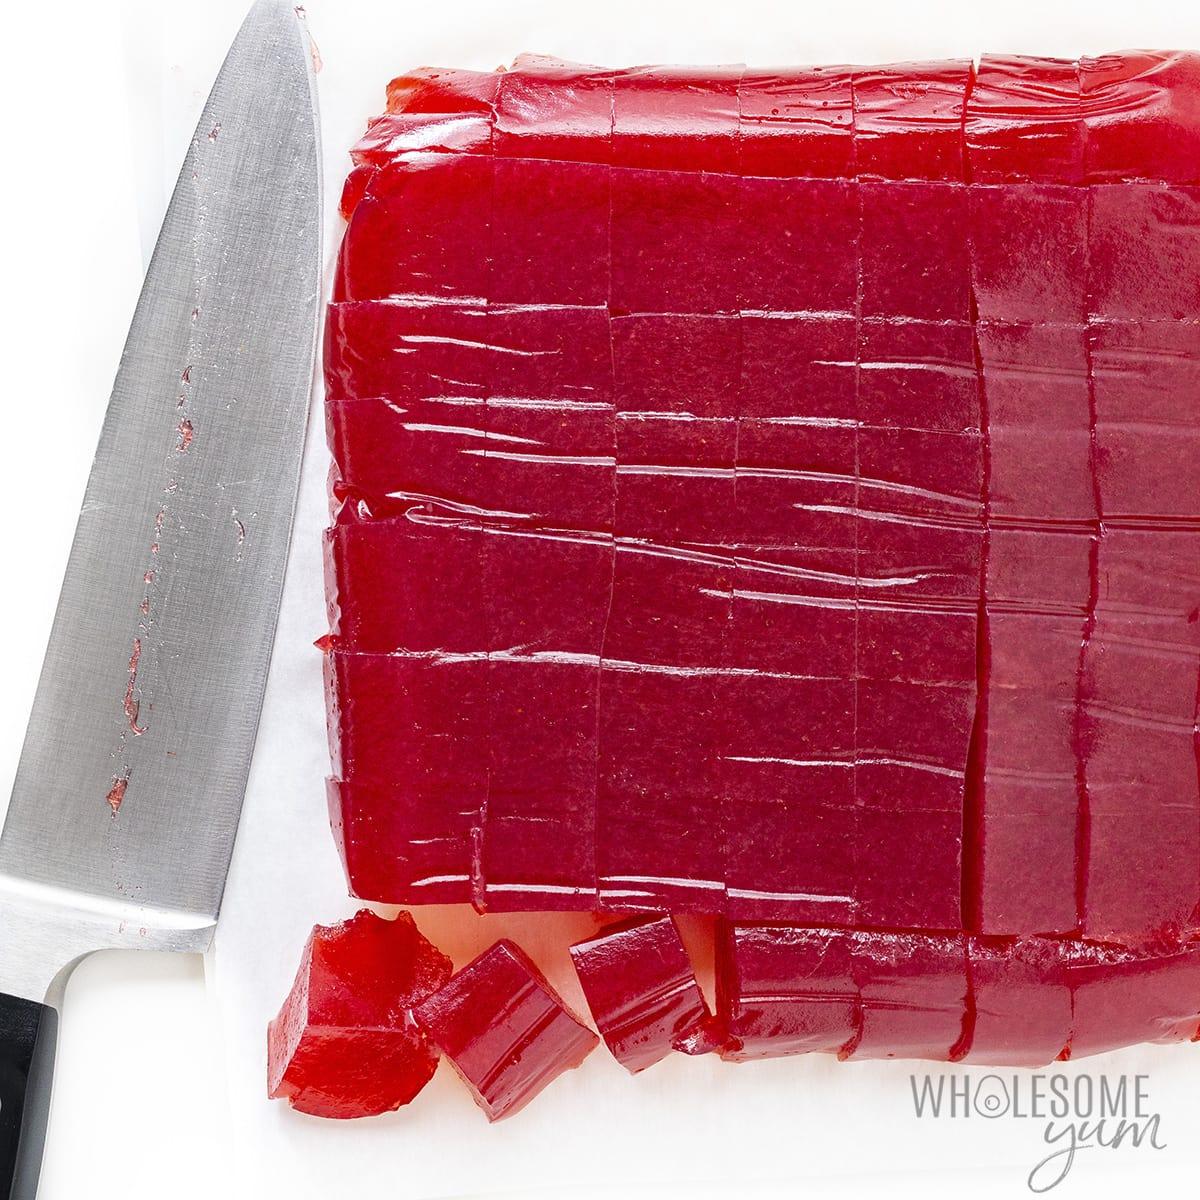 Keto jello sliced in squares